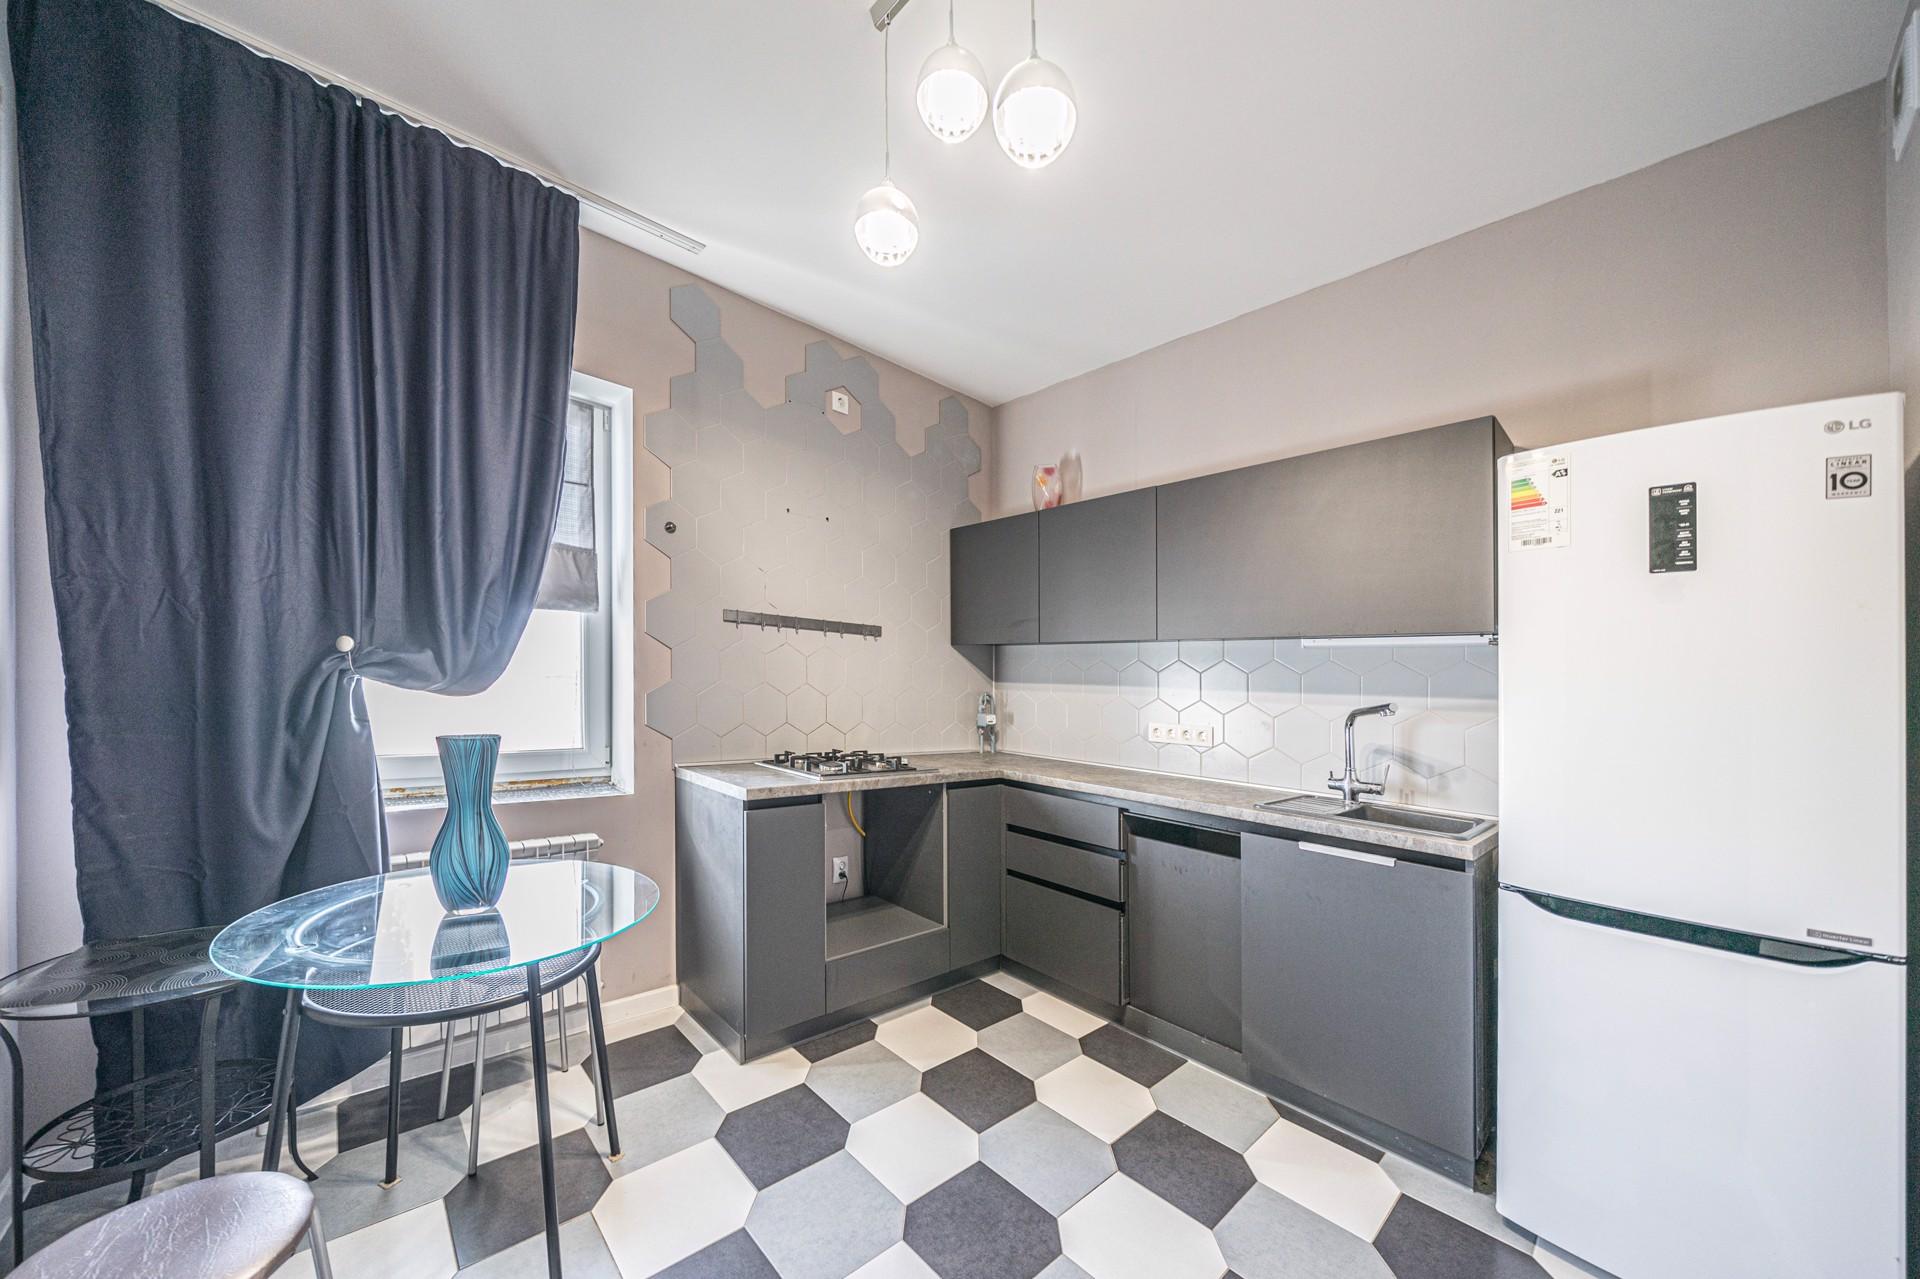 Продажа 2-к квартиры, Липецк, улица Гоголя, 37, 67.7 м², 4050000 ₽